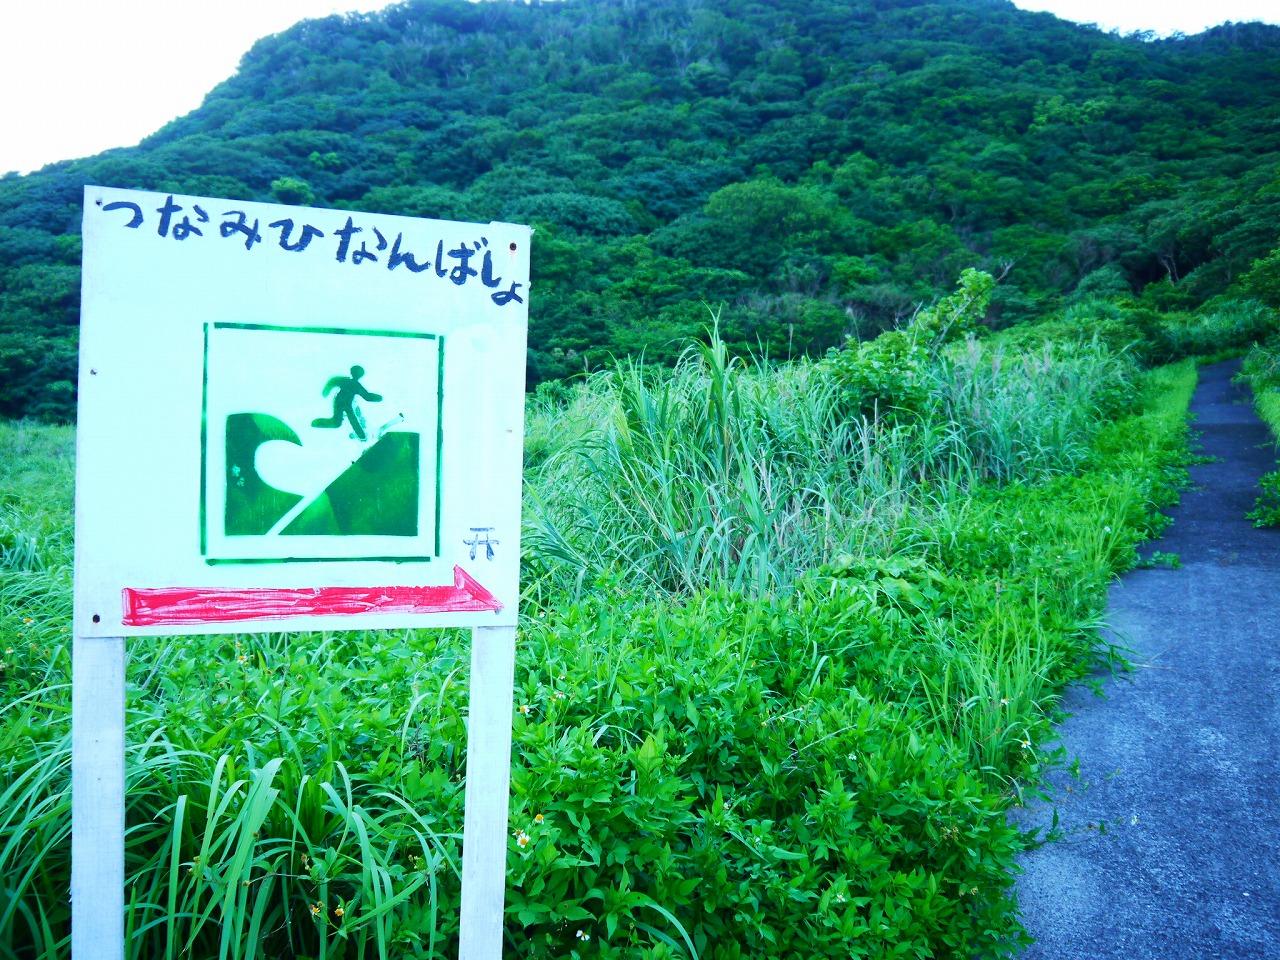 加計呂麻島西阿室、津波避難場所の看板